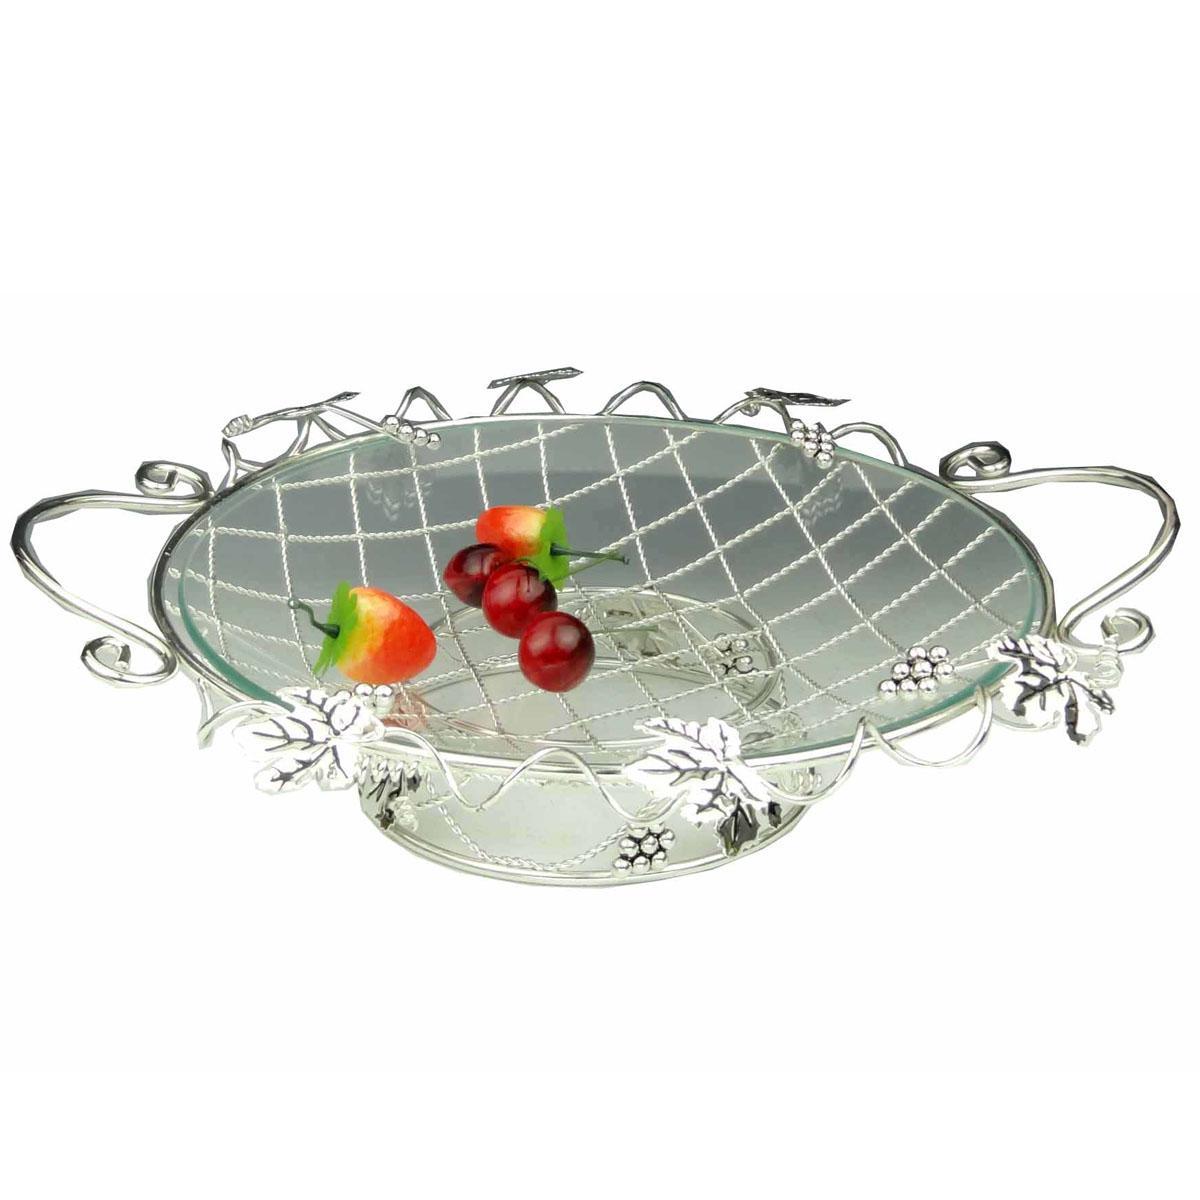 Ваза универсальная Marquis, диаметр 35 см7013-MRУниверсальная ваза Marquis выполнена из стали с серебряно-никелевым покрытием и снабжена съемным круглым поддоном из прочного стекла. Стальная ножка обеспечивает устойчивость вазы. Ваза выполнена в виде плетеной стальной решетки, украшенной листьями и гроздьями винограда. По бокам имеются удобные ручки. Посуда может использоваться как фруктовница. Выполненная под старину, такая ваза придется по вкусу и ценителям классики, и тем, кто предпочитает утонченность и изысканность. Сервировка праздничного стола вазой Marquis станет великолепным украшением любого торжества. Характеристики:Материал: сталь, серебряно-никелевое покрытие, стекло. Диаметр вазы: 35 см. Диаметр вазы с учетом ручек: 40 см. Высота вазы: 9 см. Размер упаковки: 40 см x 38 см x 10 см. Артикул: 7013-MR.